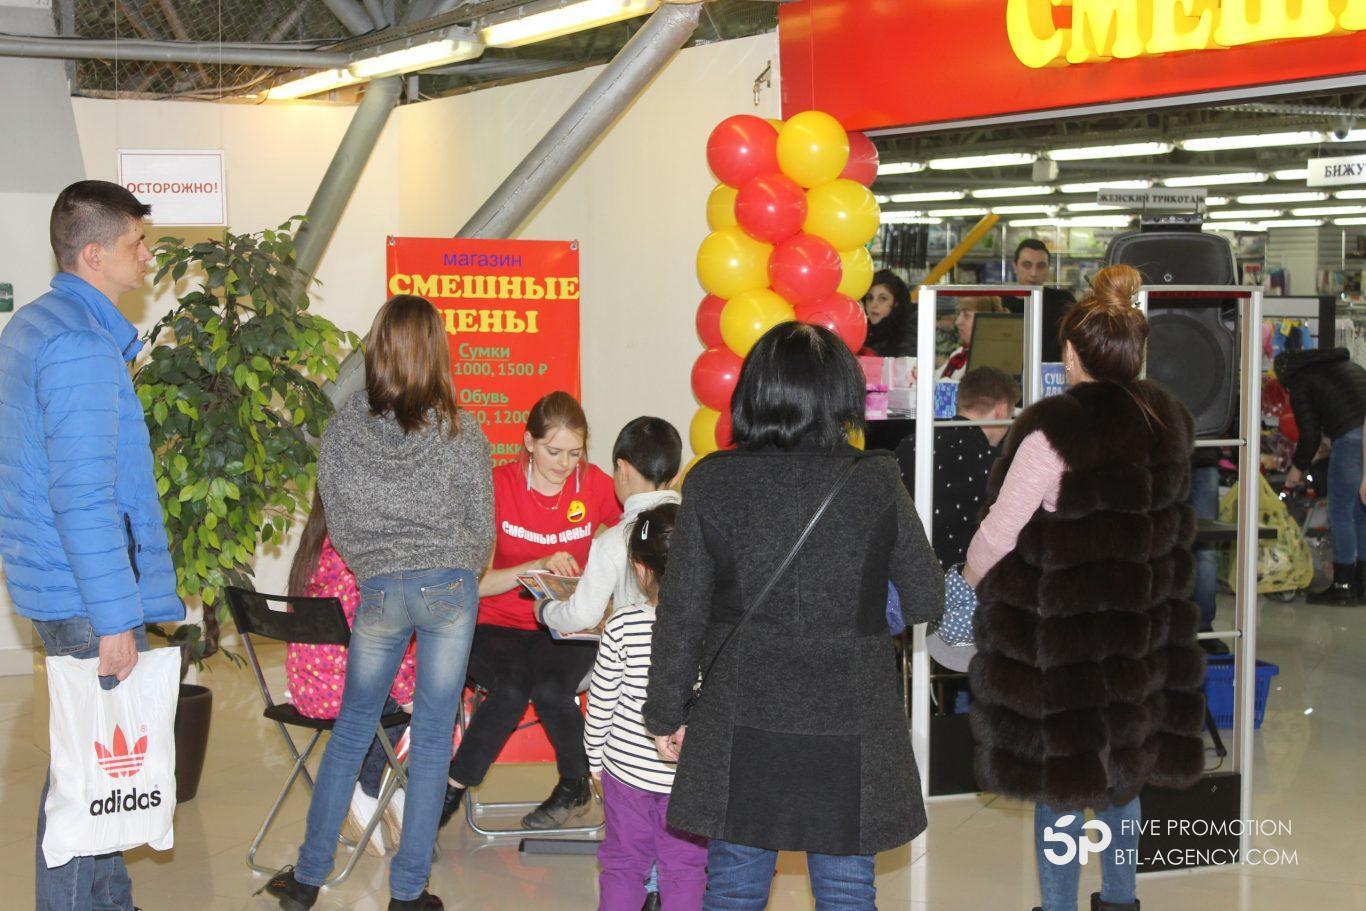 праздничное открытие магазина, промо акция, промоутер, аквагример, аниматор, лотерея